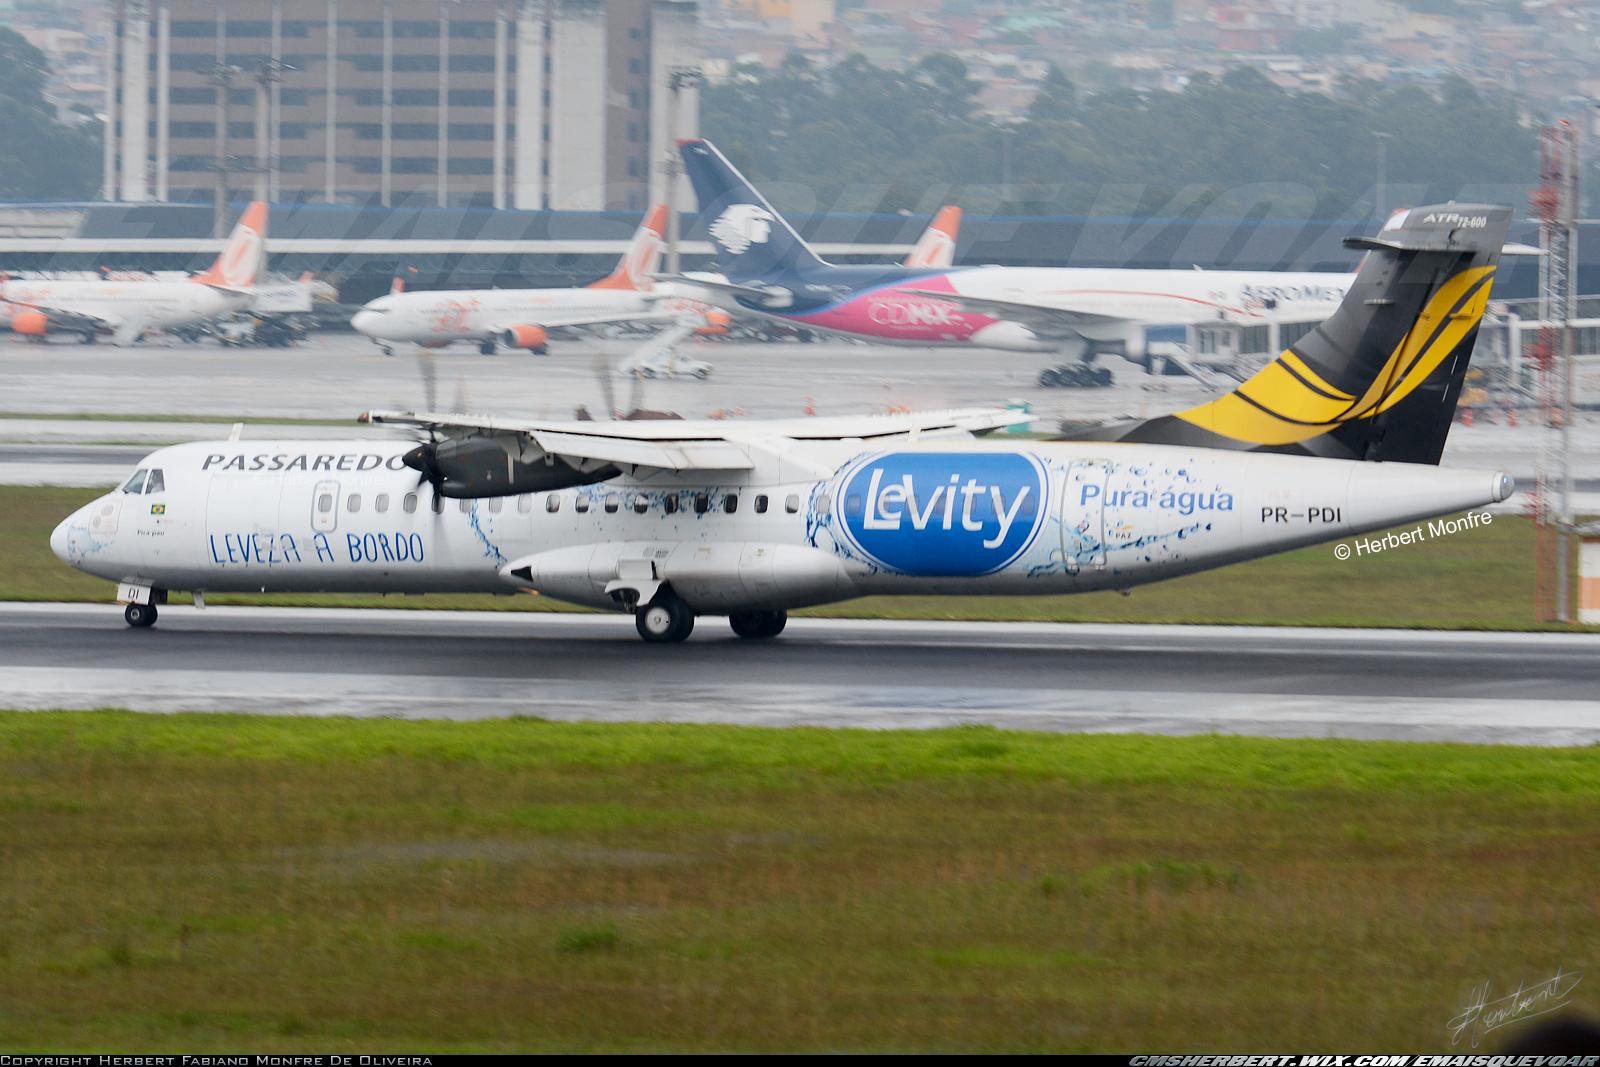 0a785a3e8027 Passaredo volta a operar no Aeroporto Santos Dumont no Rio de Janeiro –  Saiba mais em